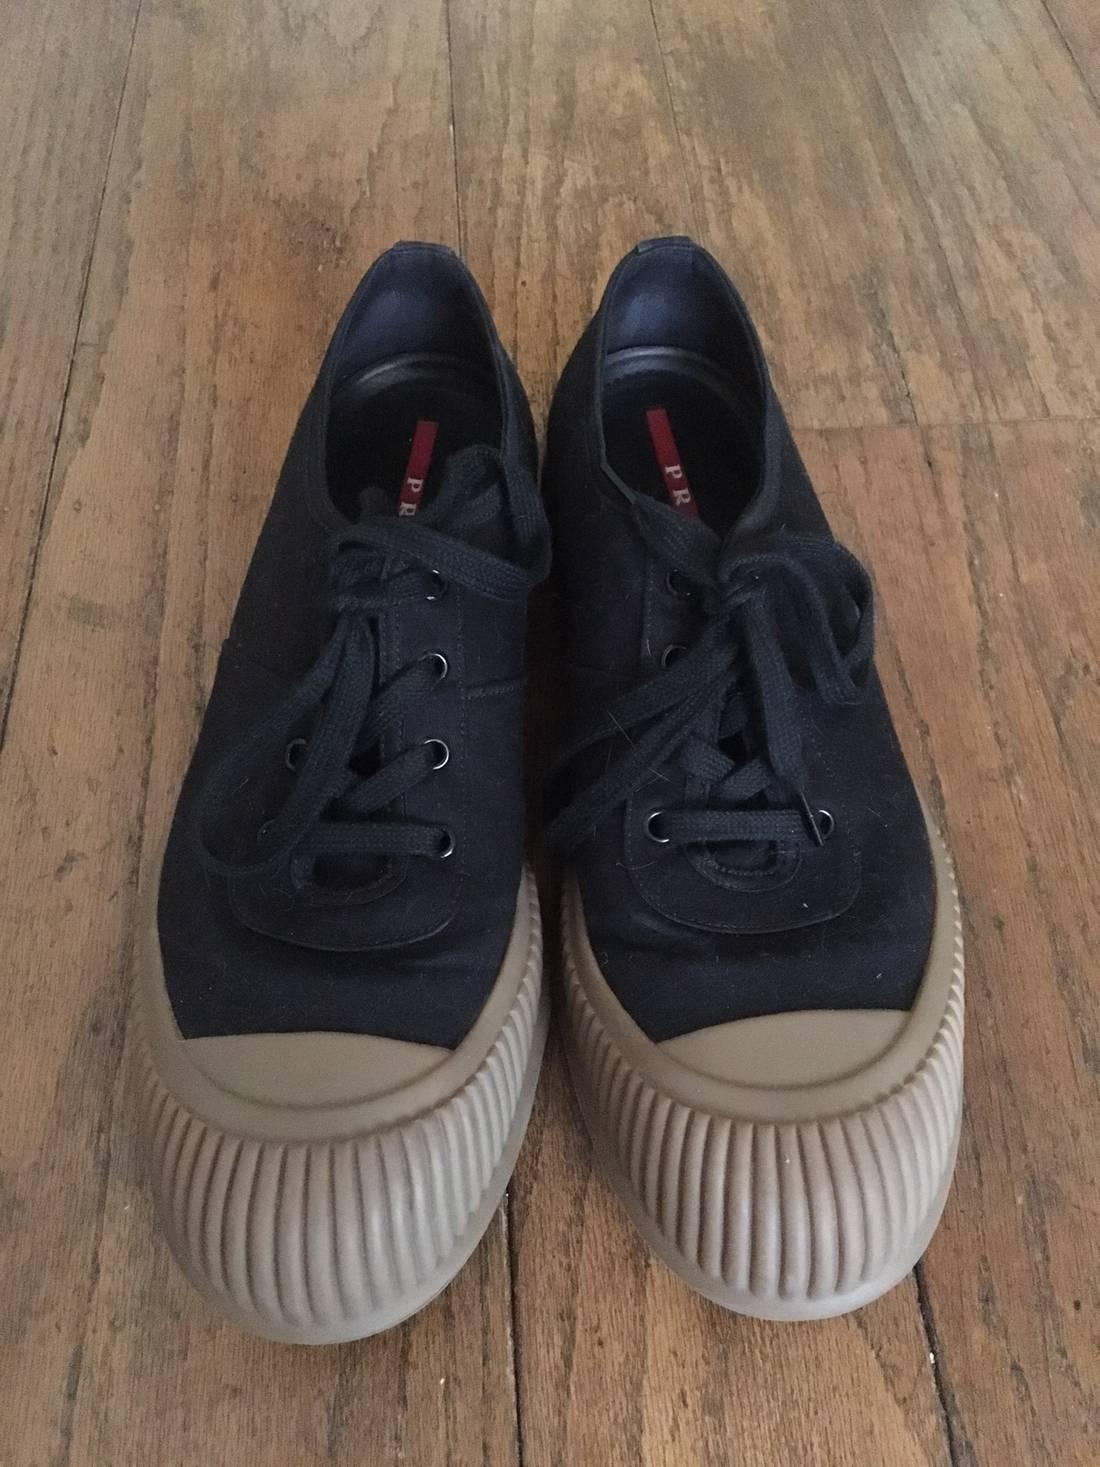 5b70b80f05 shop prada shoes 3163 339e1 6dcfc